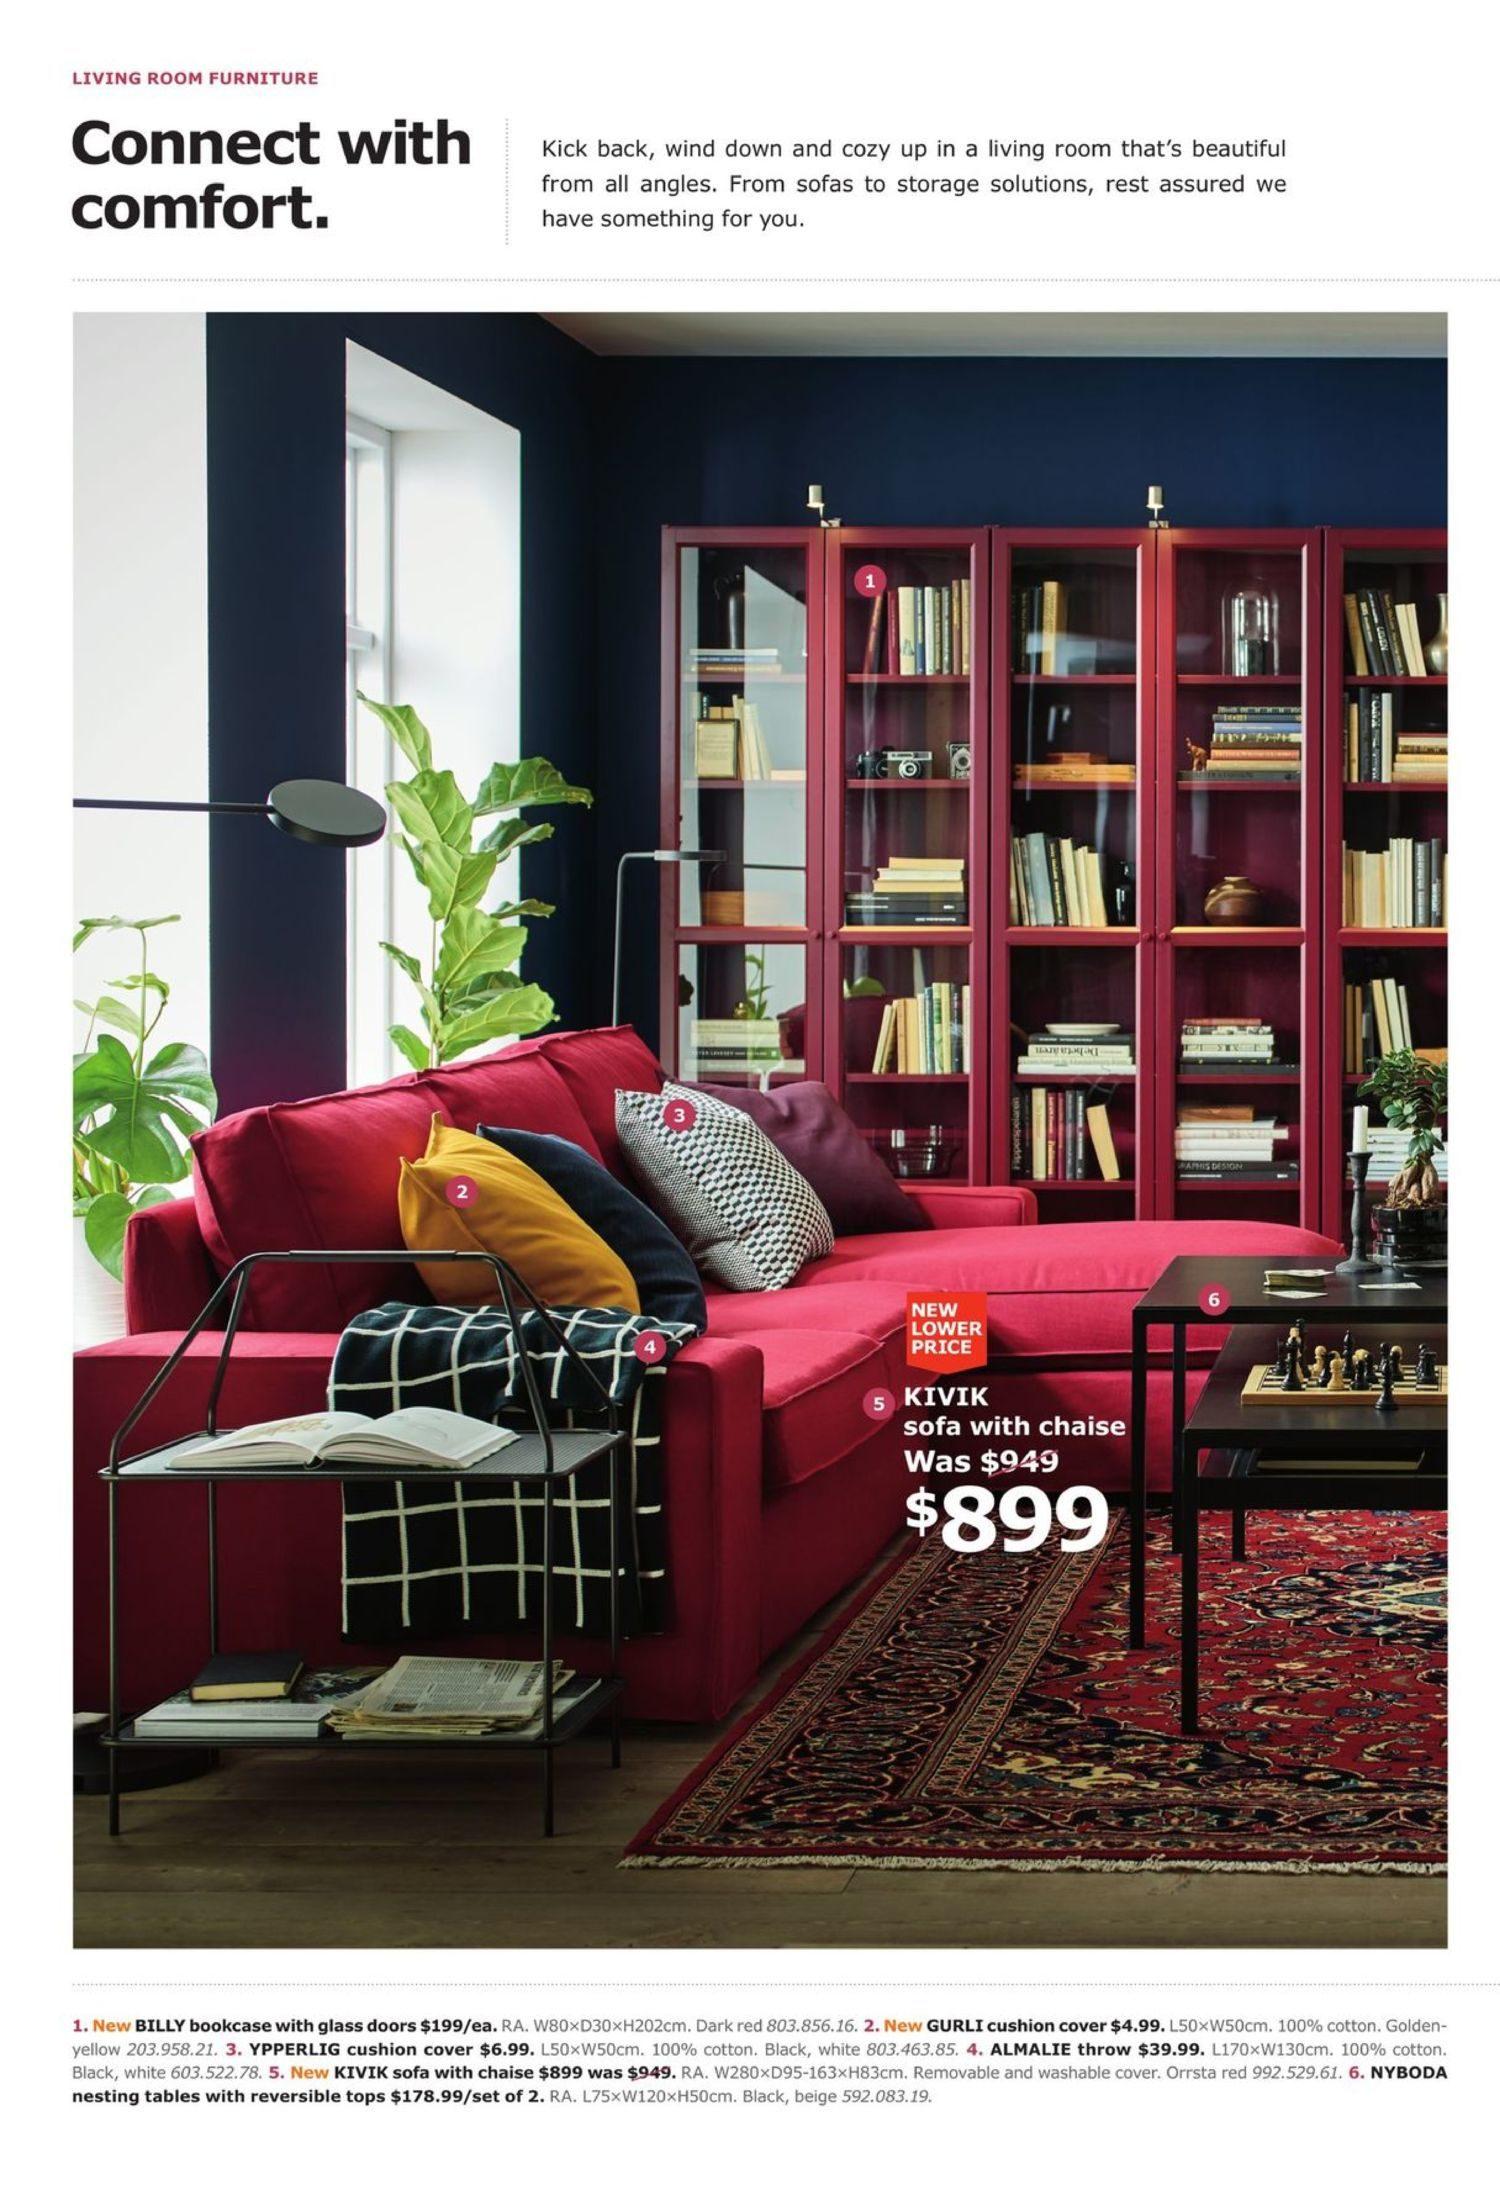 Ikea Weekly Flyer Refine Your Unwind Aug 27 Sep 30